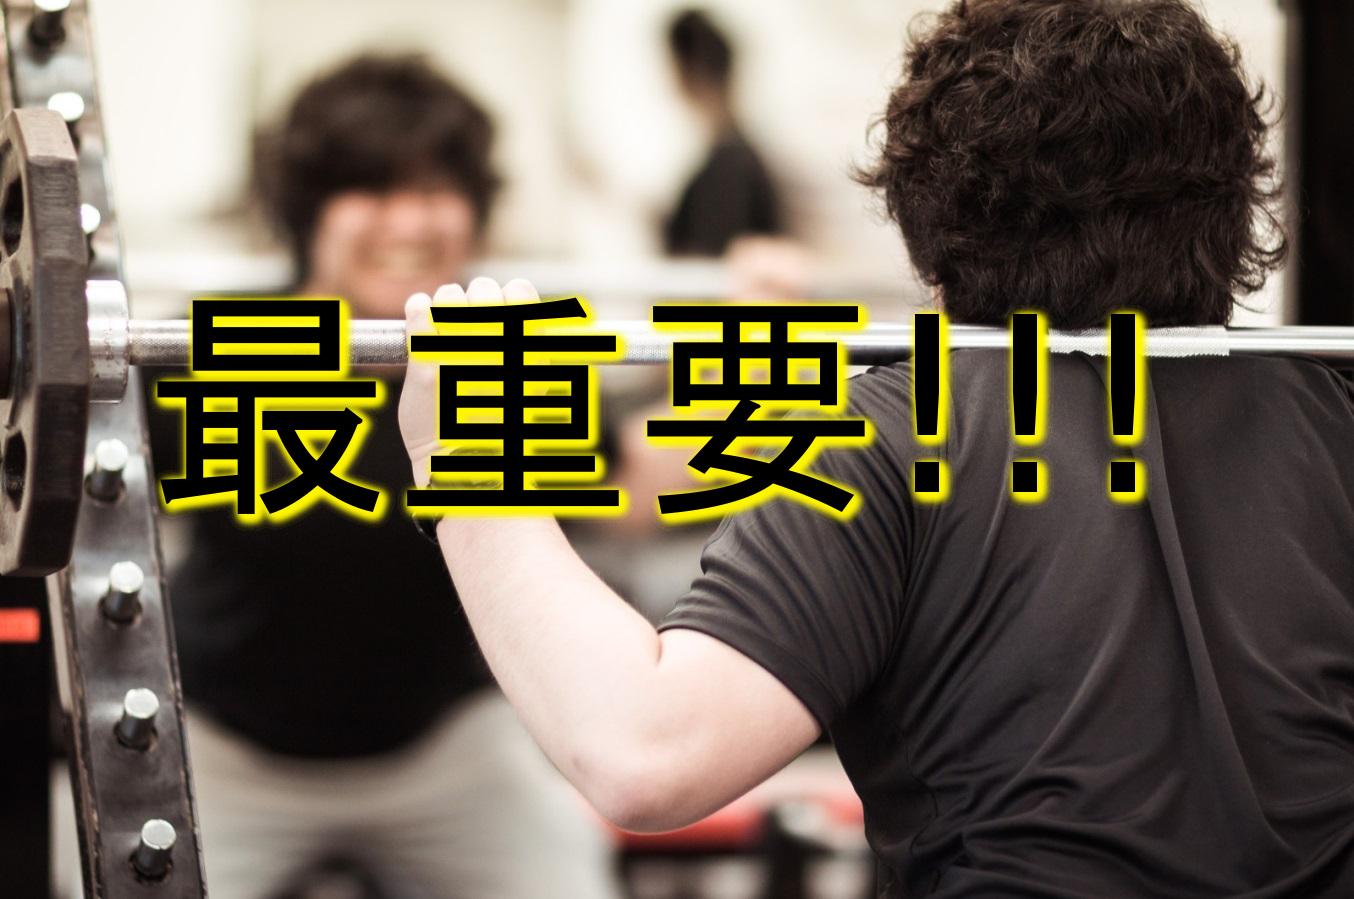 筋トレでダイエット!下半身に筋肉をつけると太らない!